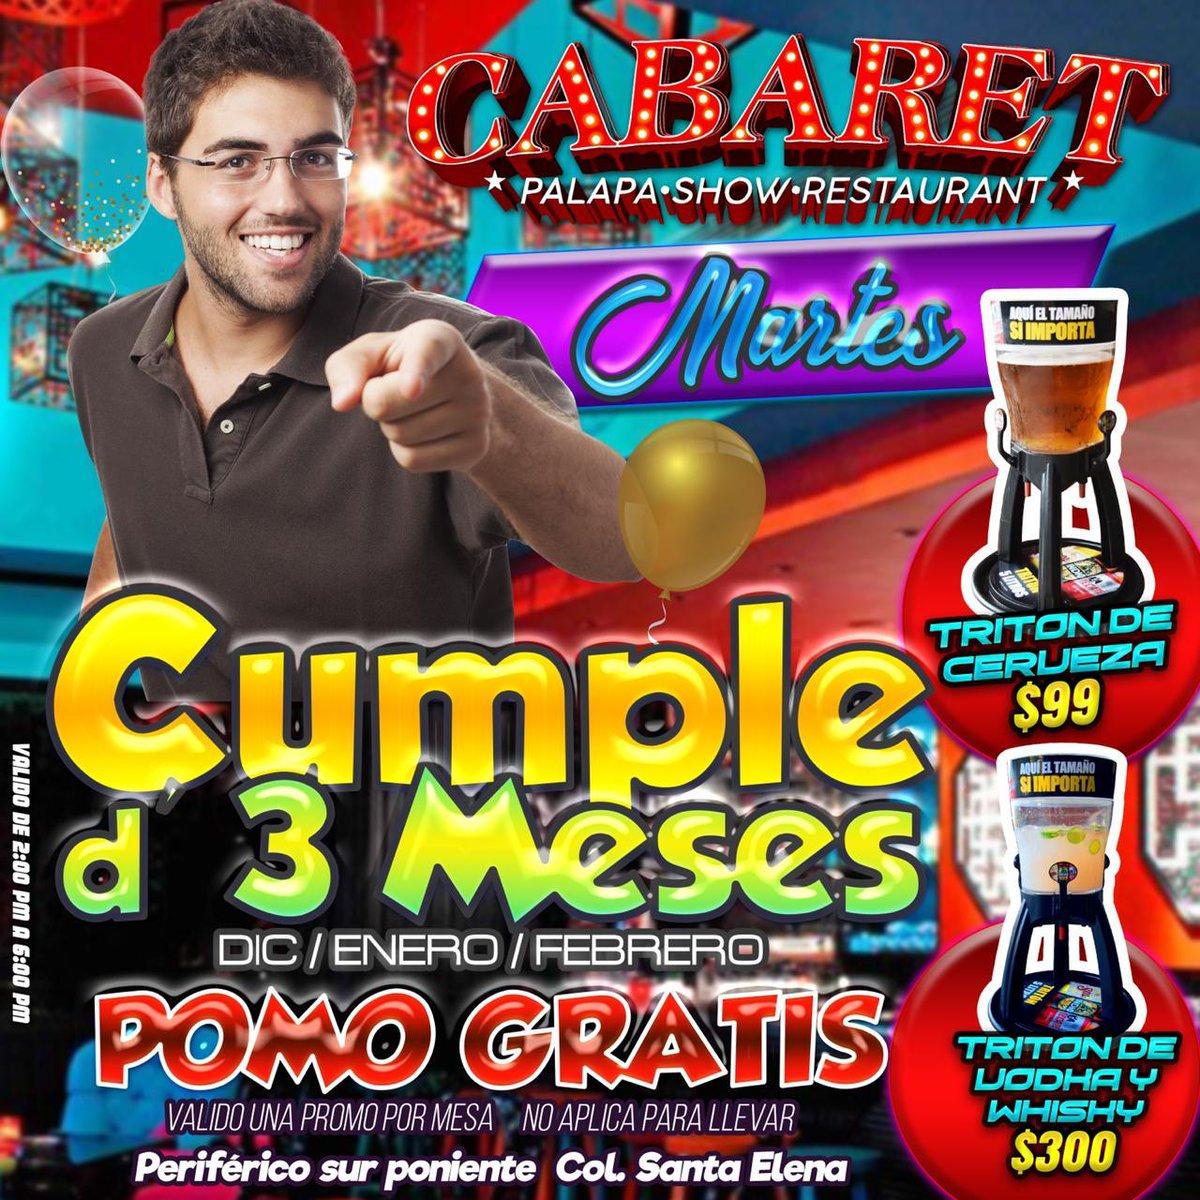 Martes de cumpleañeros!!! #tereservo @PalapaCabaret 9612364768 @Chisrecomienda  #cumpleañeros #diciembre #enero #febrero